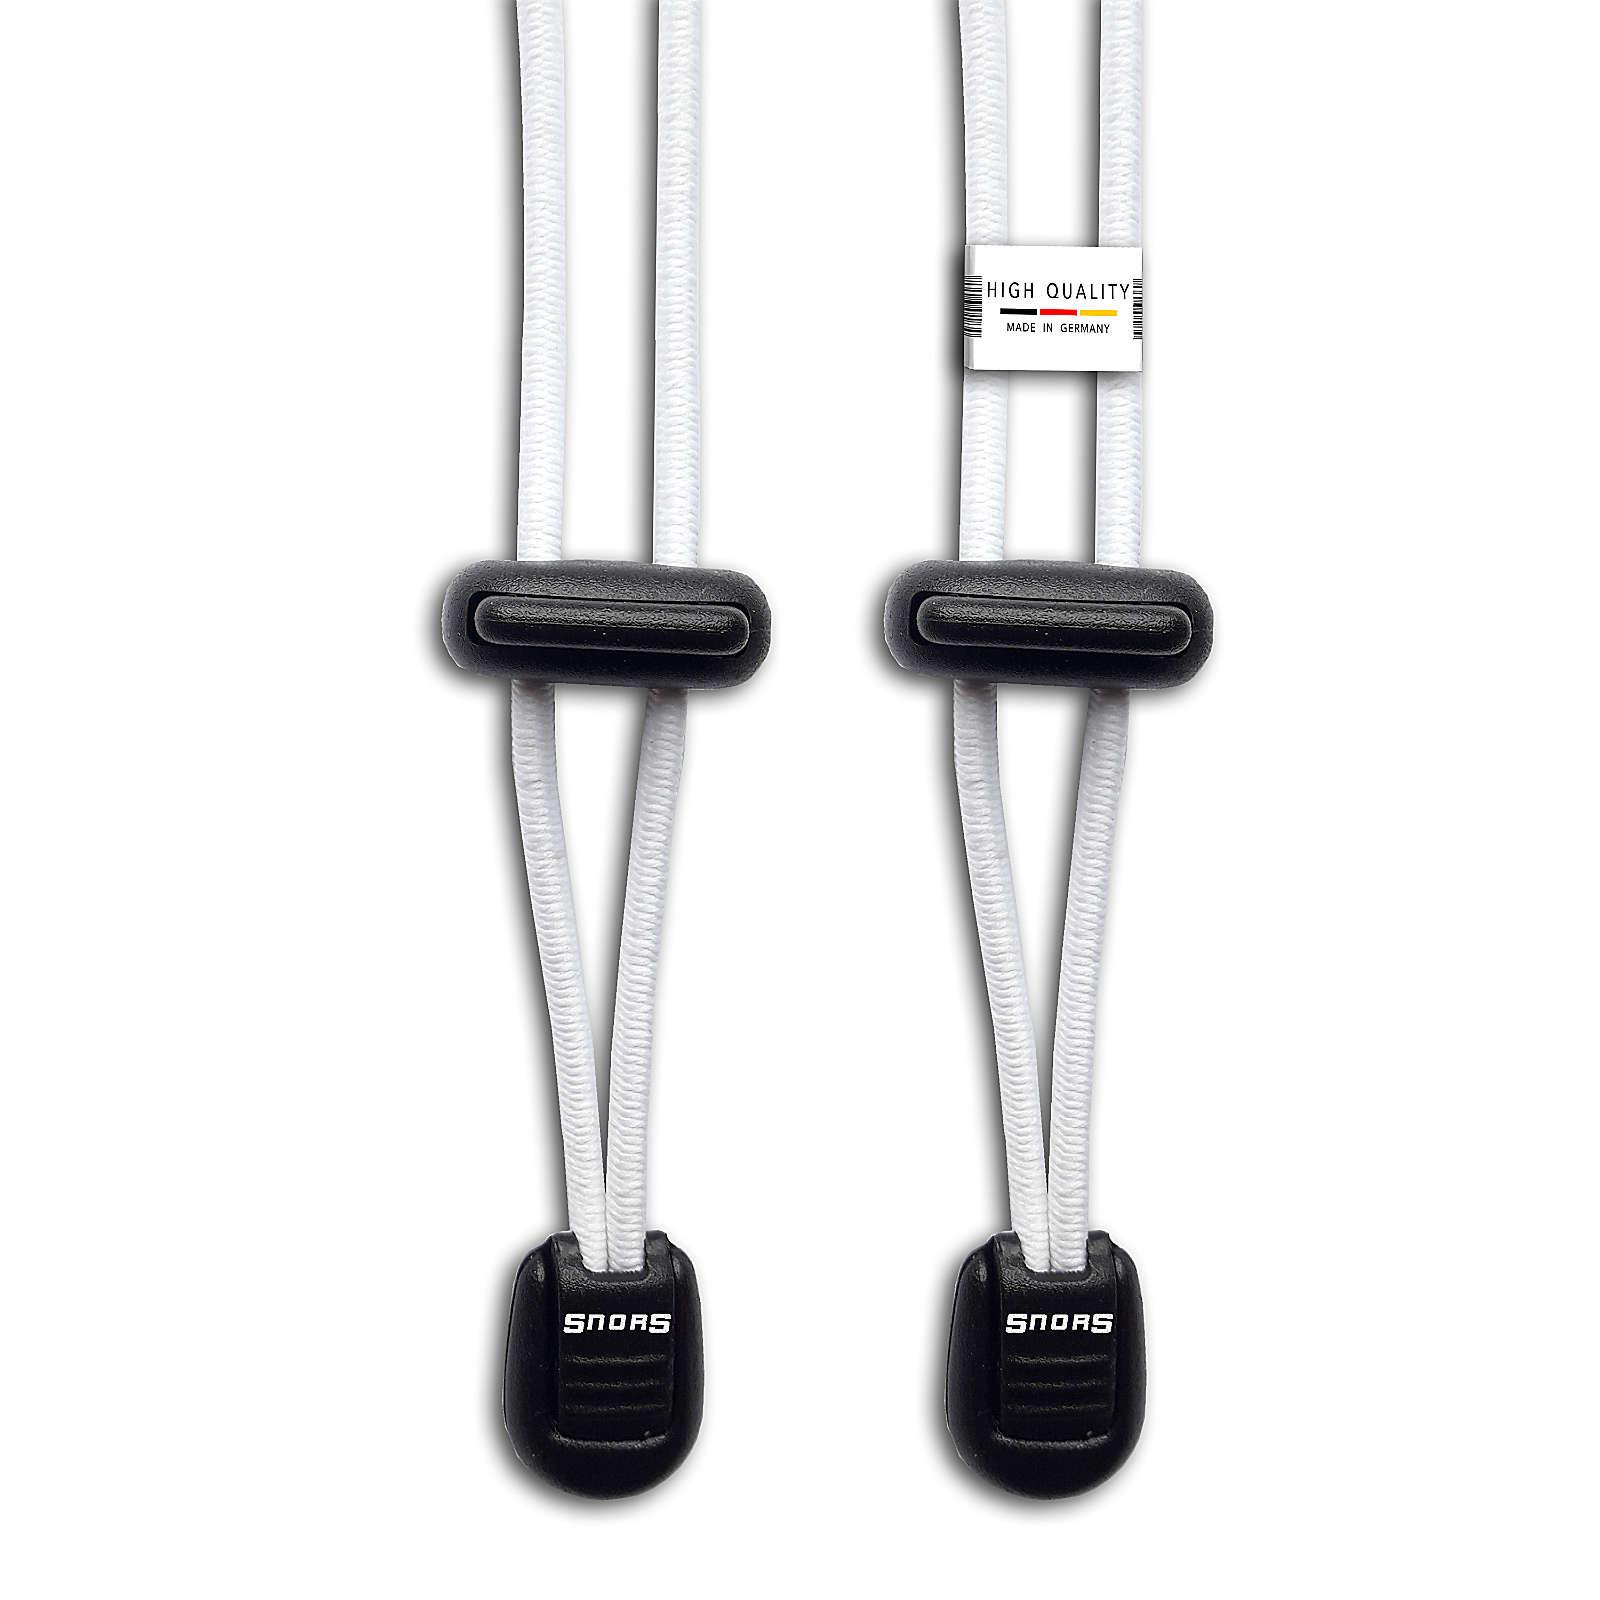 SNORS shoefriends Schnürsystem 120cm - elastische Schnürsenkel mit Schnellverschluss Schnürsenkel weiß Gr. 120